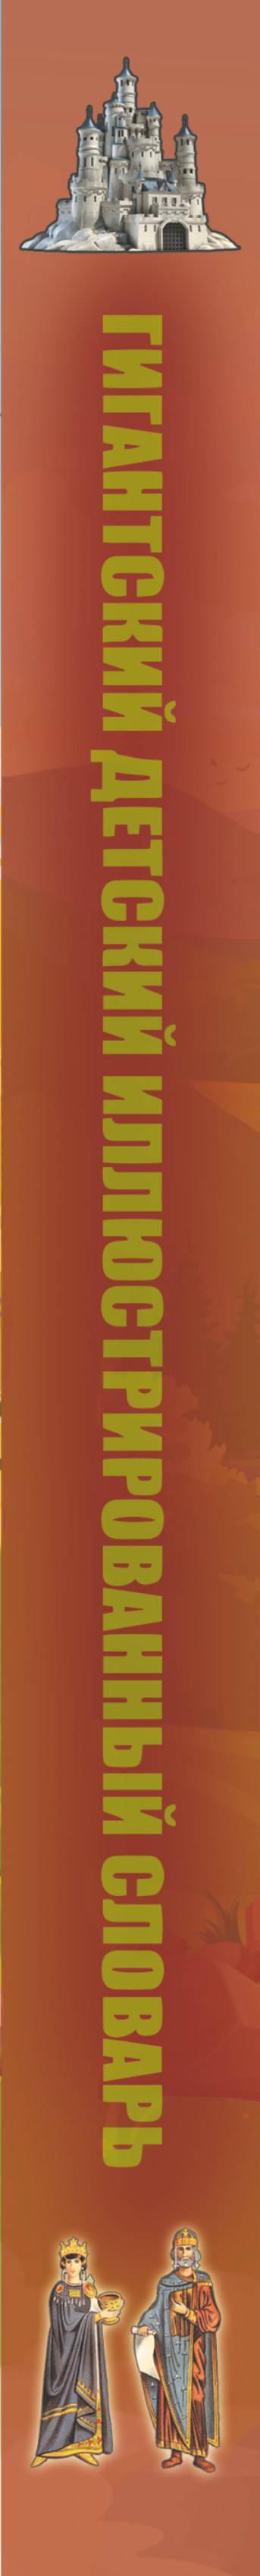 Гигантский детский иллюстрированный словарь Это великолепно иллюстрированный словарь, изучать который можно...